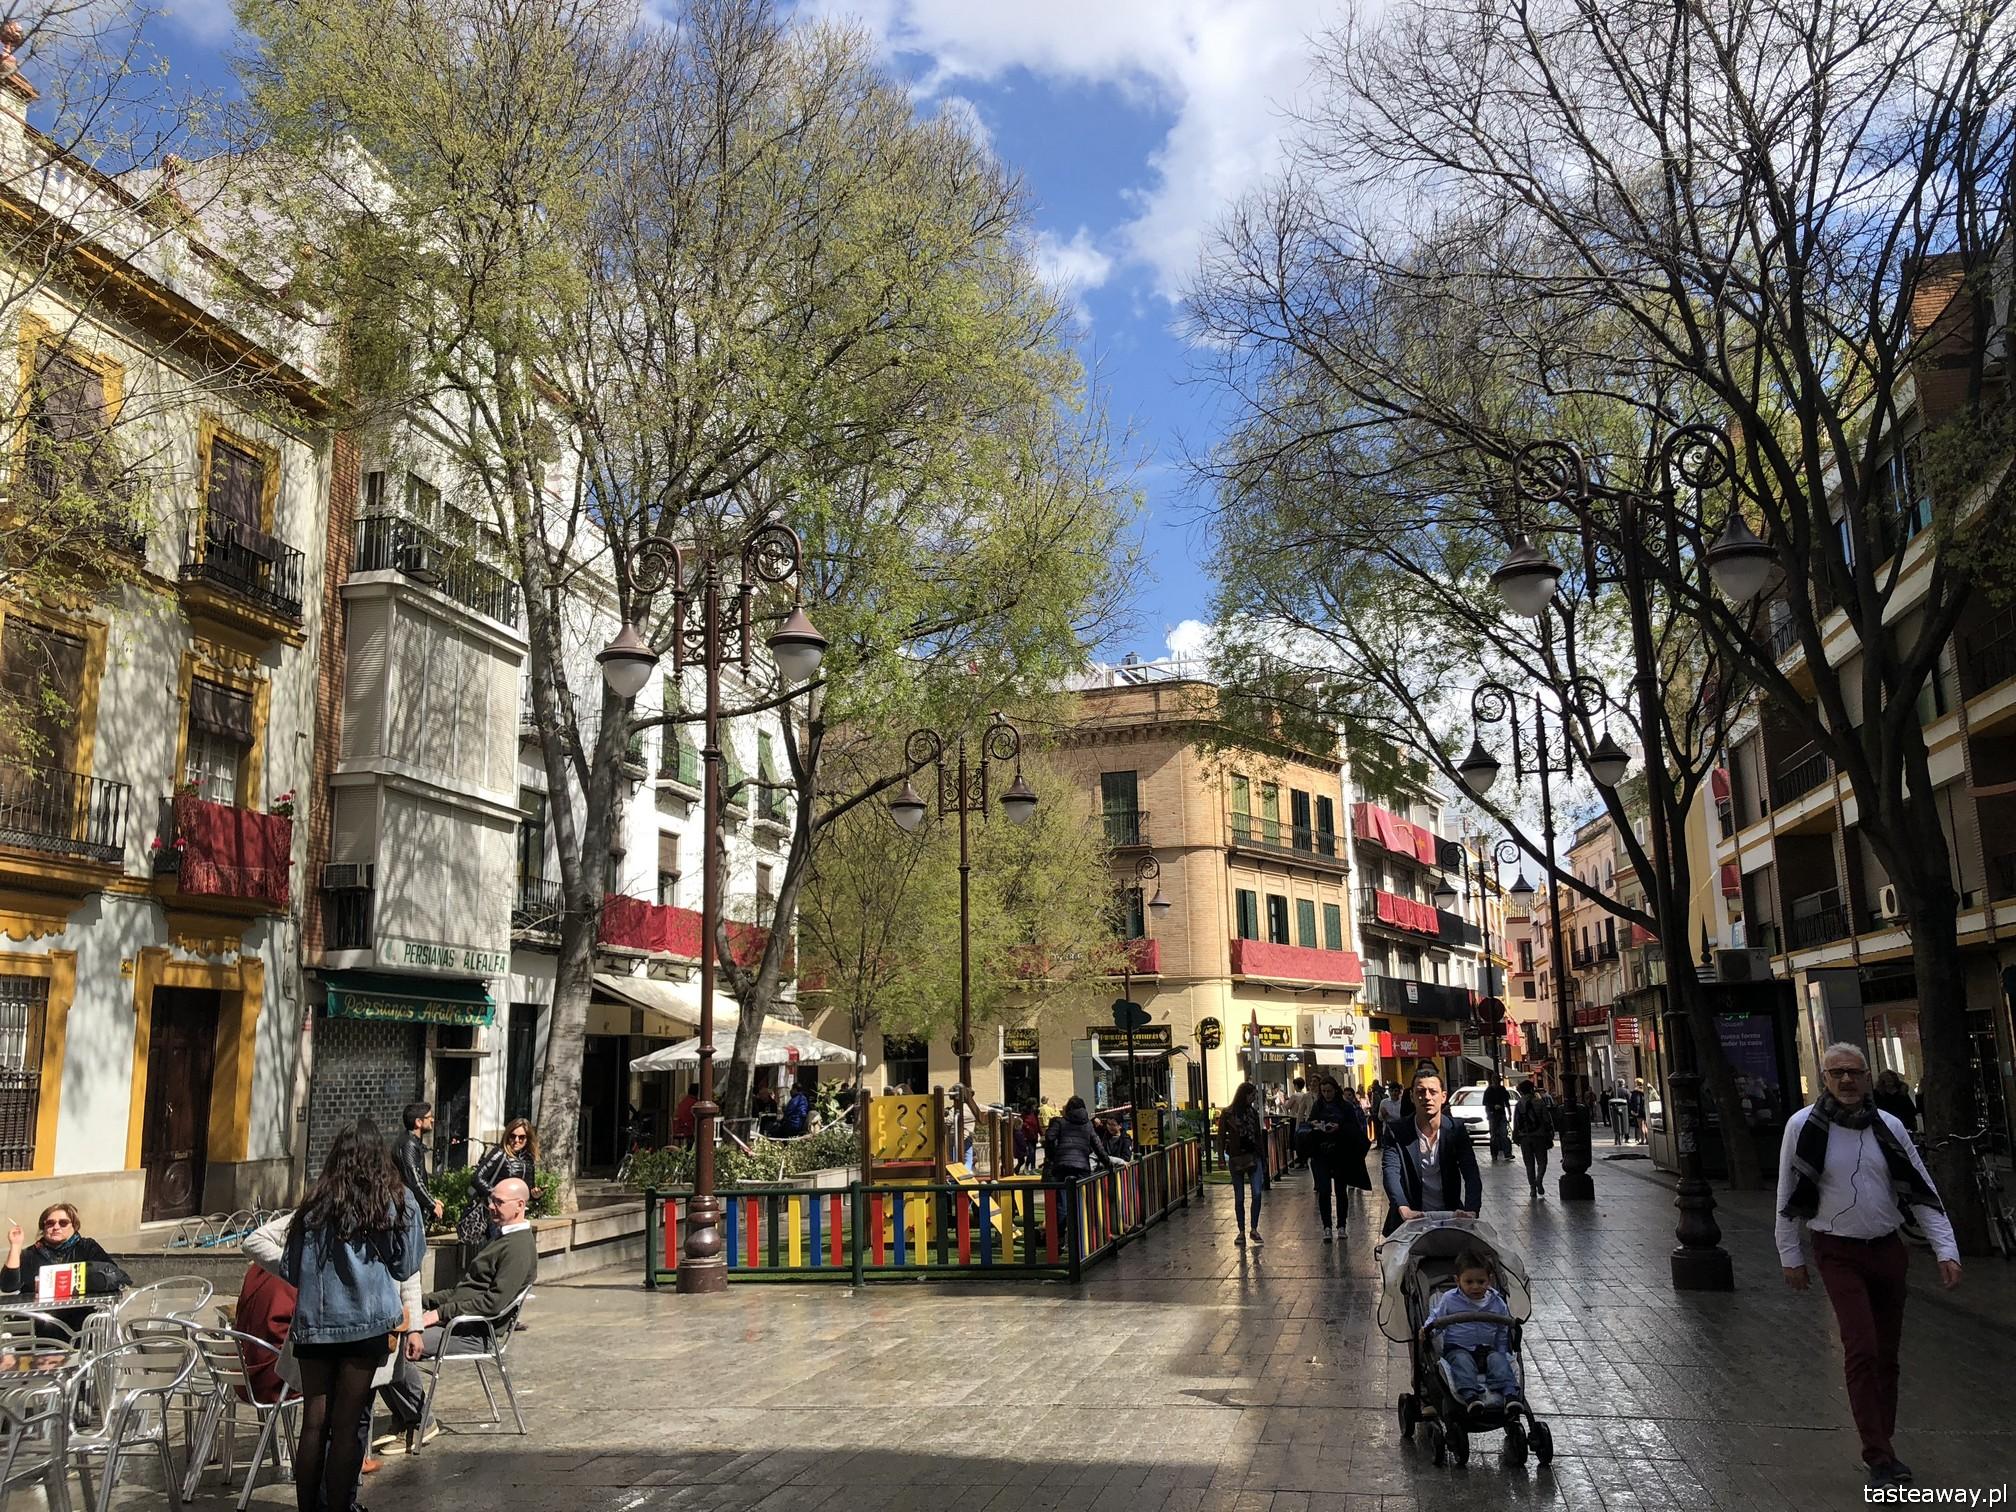 Sewilla, Sevilla, co zobaczyć w Sewilli, Sevilla w jeden dzień, Andaluzja, miasta Hiszpanii, spacer po Sevilli, Katedra Najświętszej Marii Panny w Sewilli